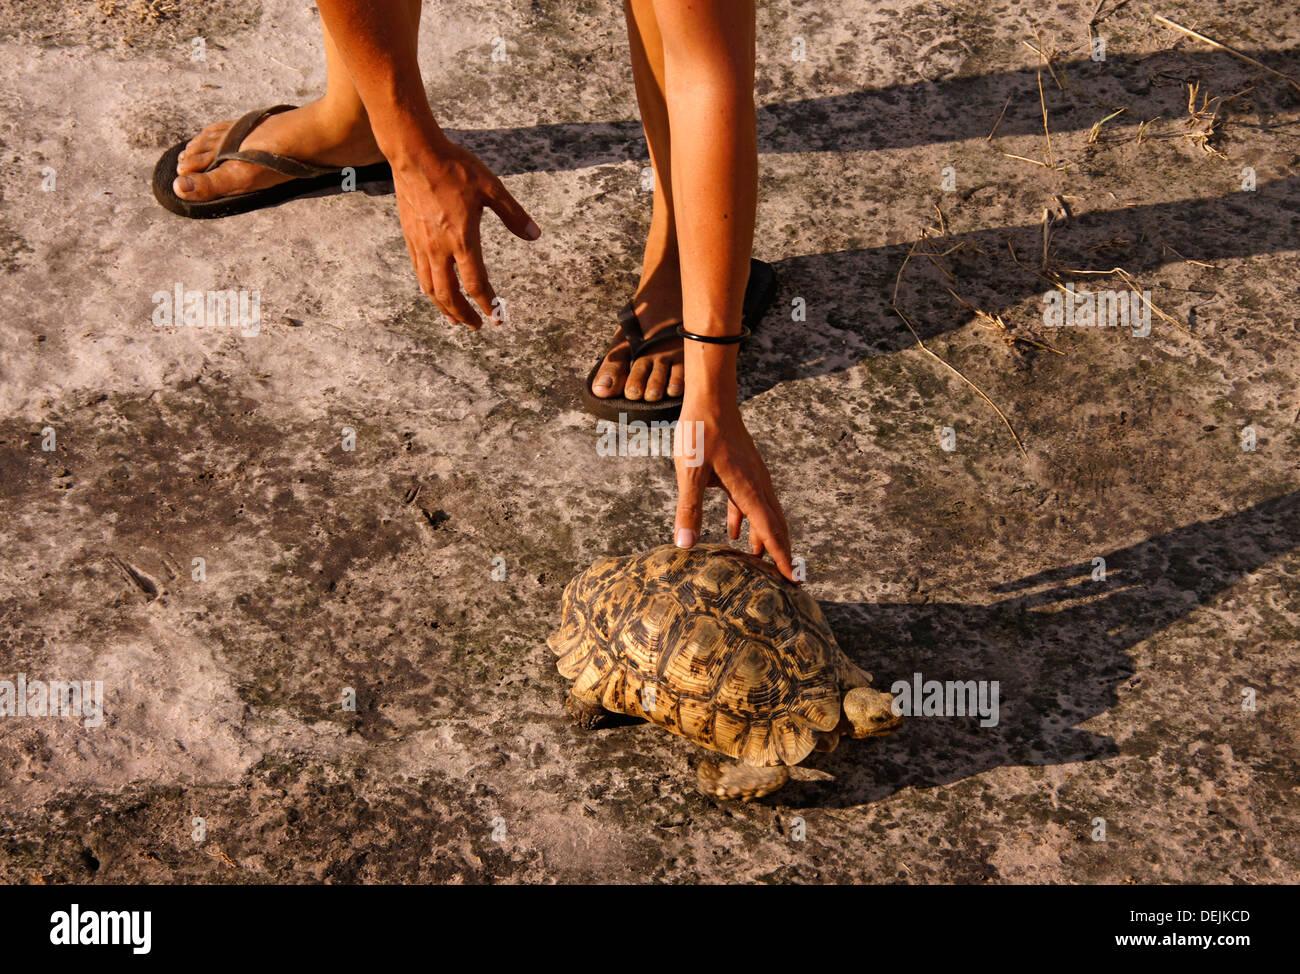 Une tortue de terre ou tortue est un reptile de l'ordre Testudines qui vit sur terre; comme leurs cousins aquatiques, les tortues de mer, Photo Stock